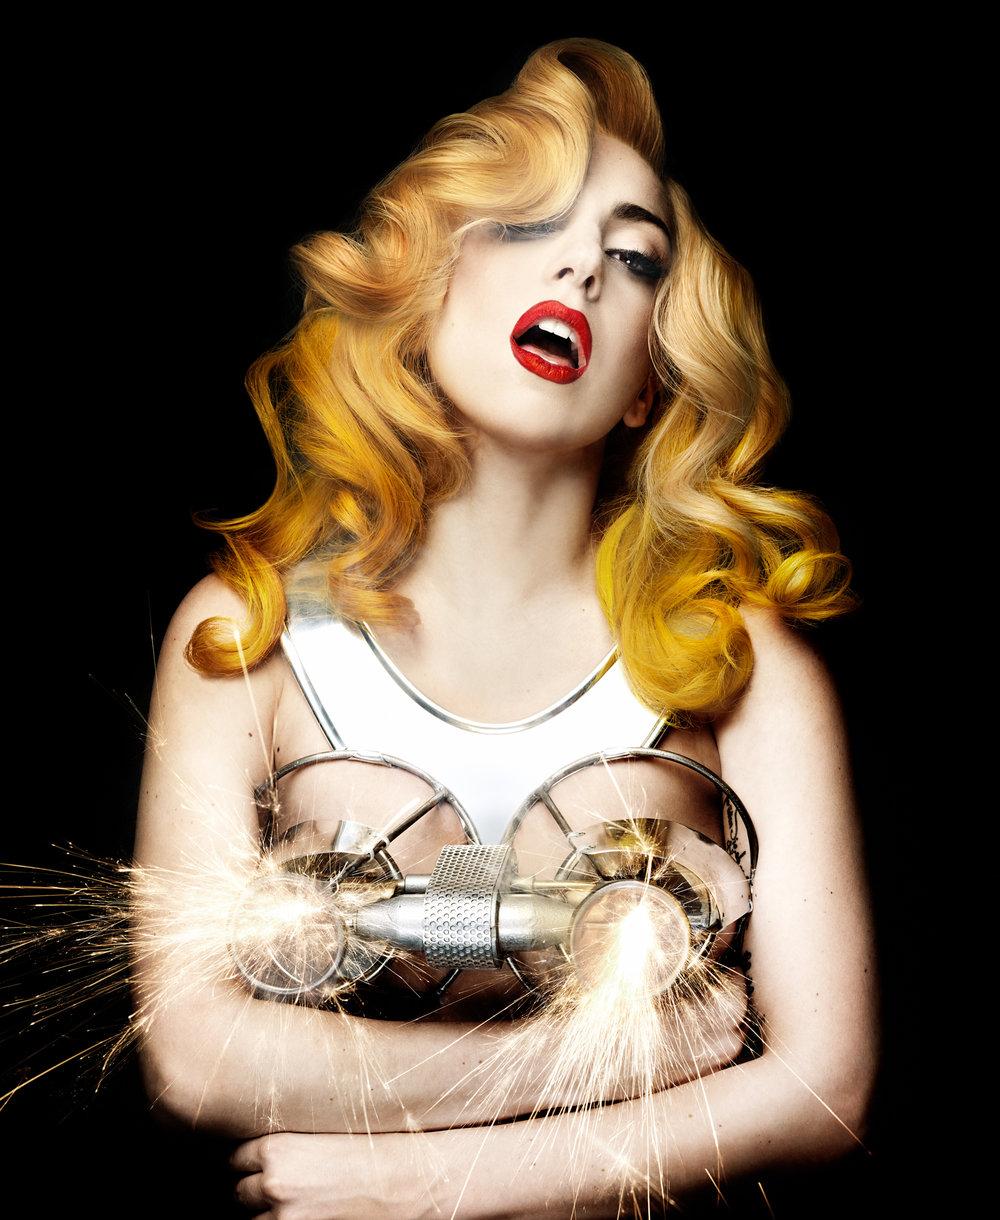 根據 T Magazine 報導表示這霹靂奶罩也是來自 Matthew Williams 的靈感